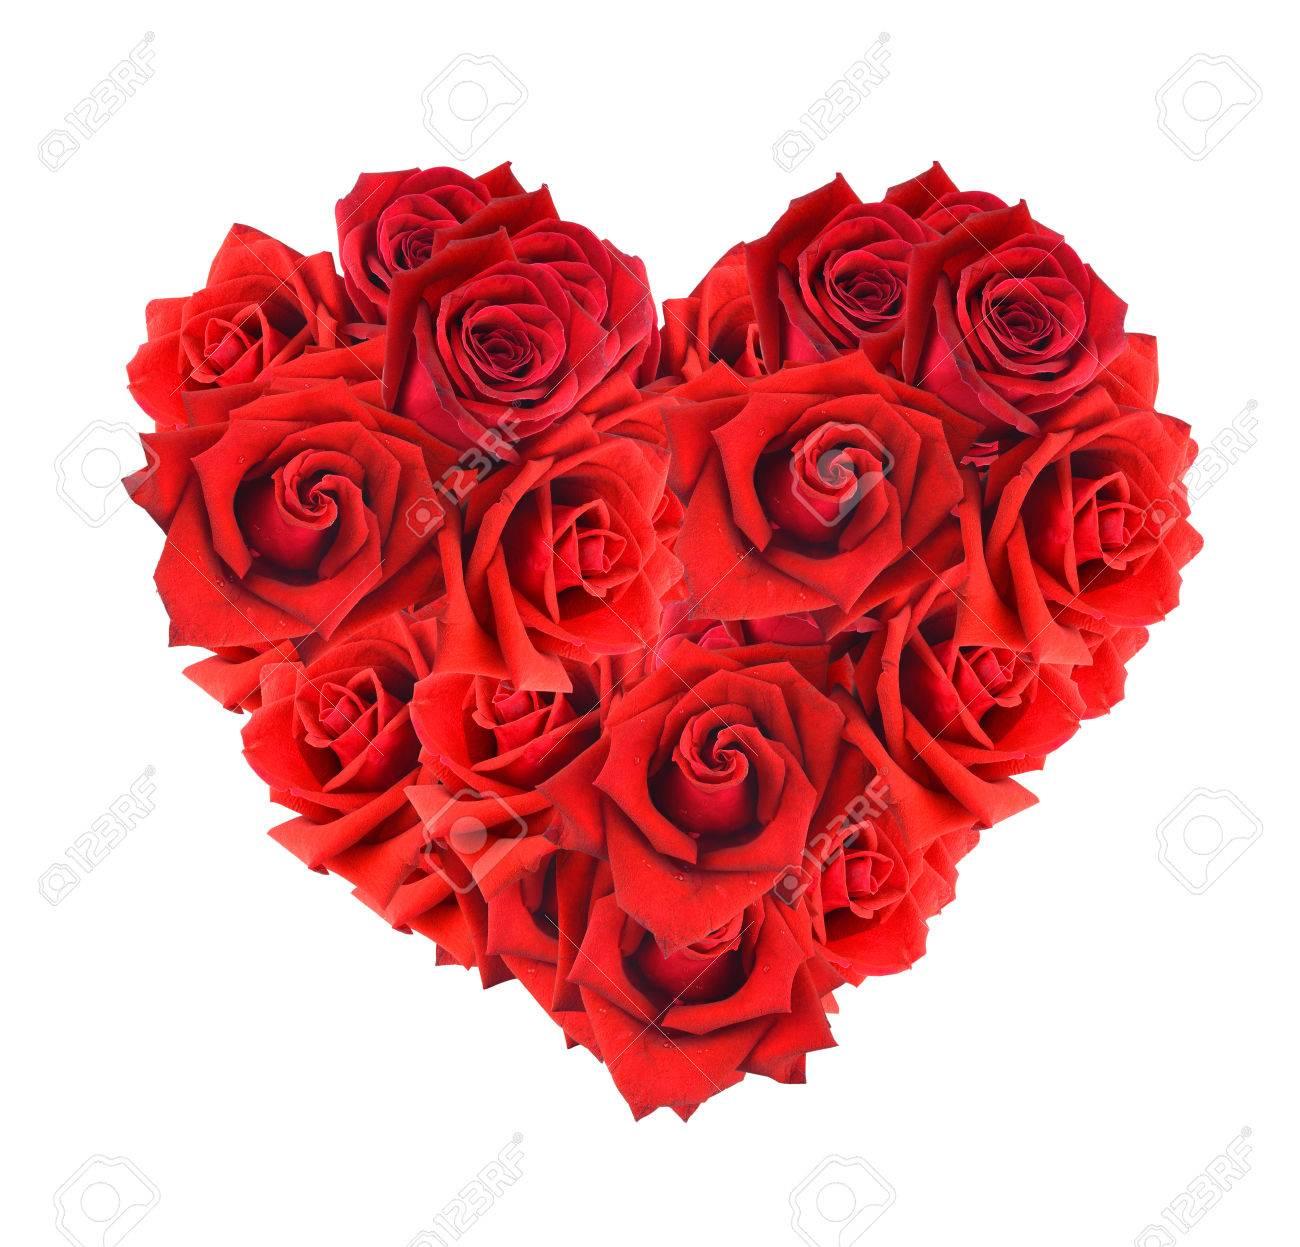 coeur en forme de bouquet de roses rouges isolé sur fond blanc